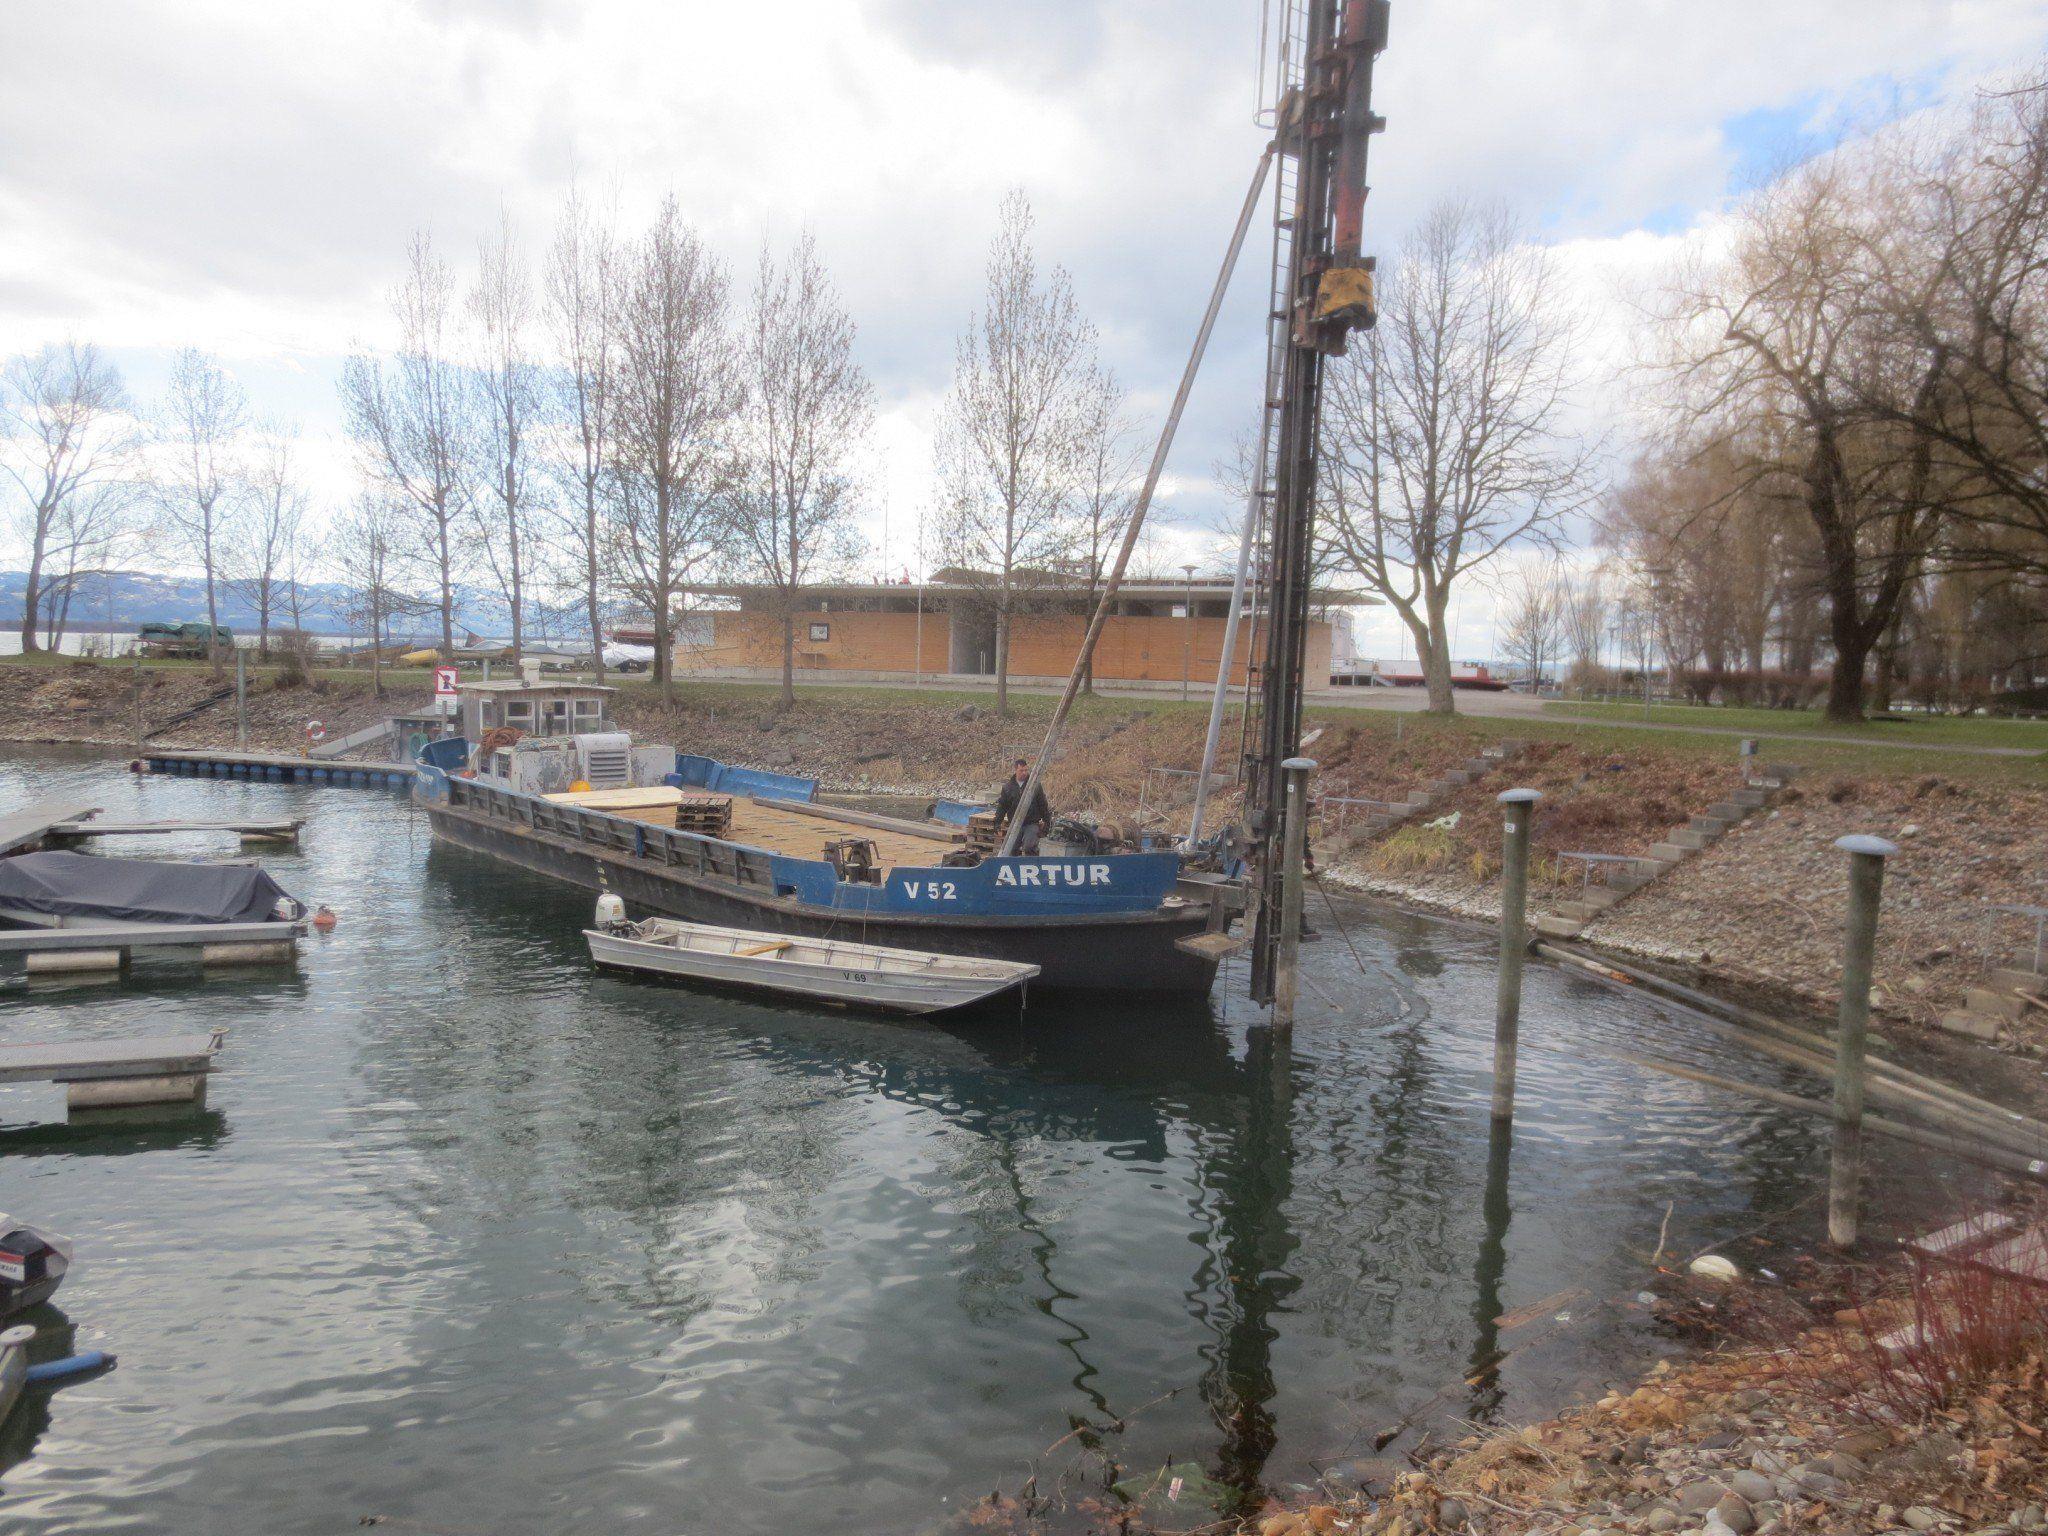 Die alten Holzdalben werden aus dem Wasser gezogen und durch neue langlebige Stahldalben ersetzt.